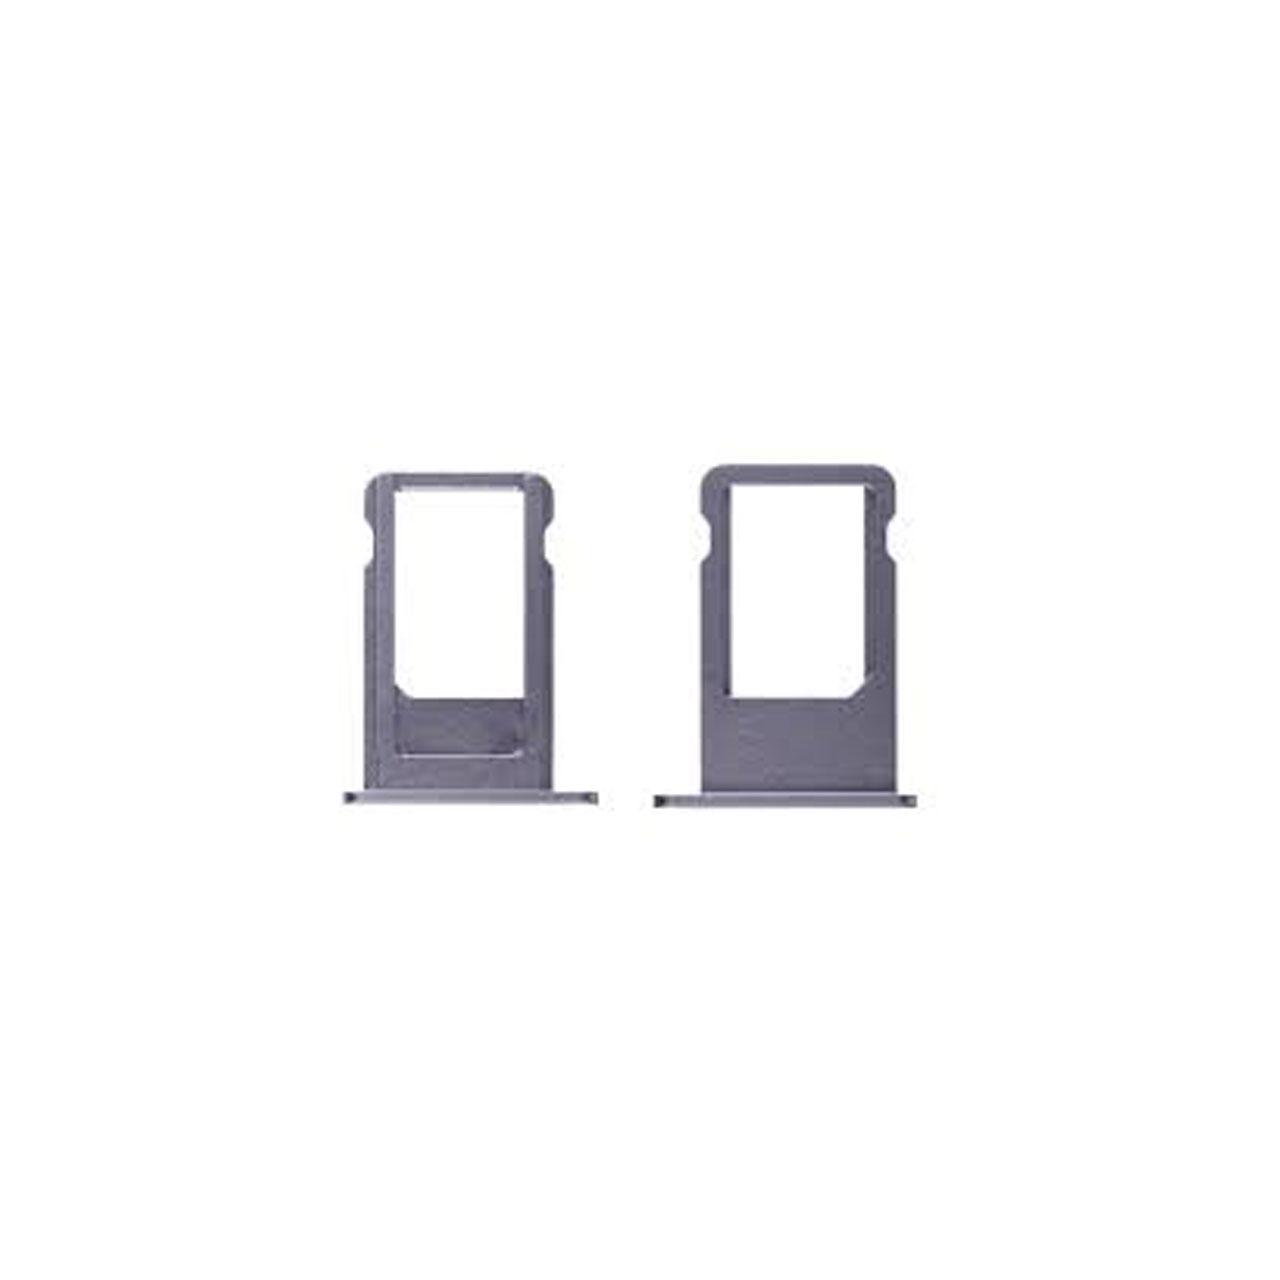 خشاب سیمکارت هورس مدل SCH مناسب برای گوشی موبایل سامسونگ Galaxy A01 Core